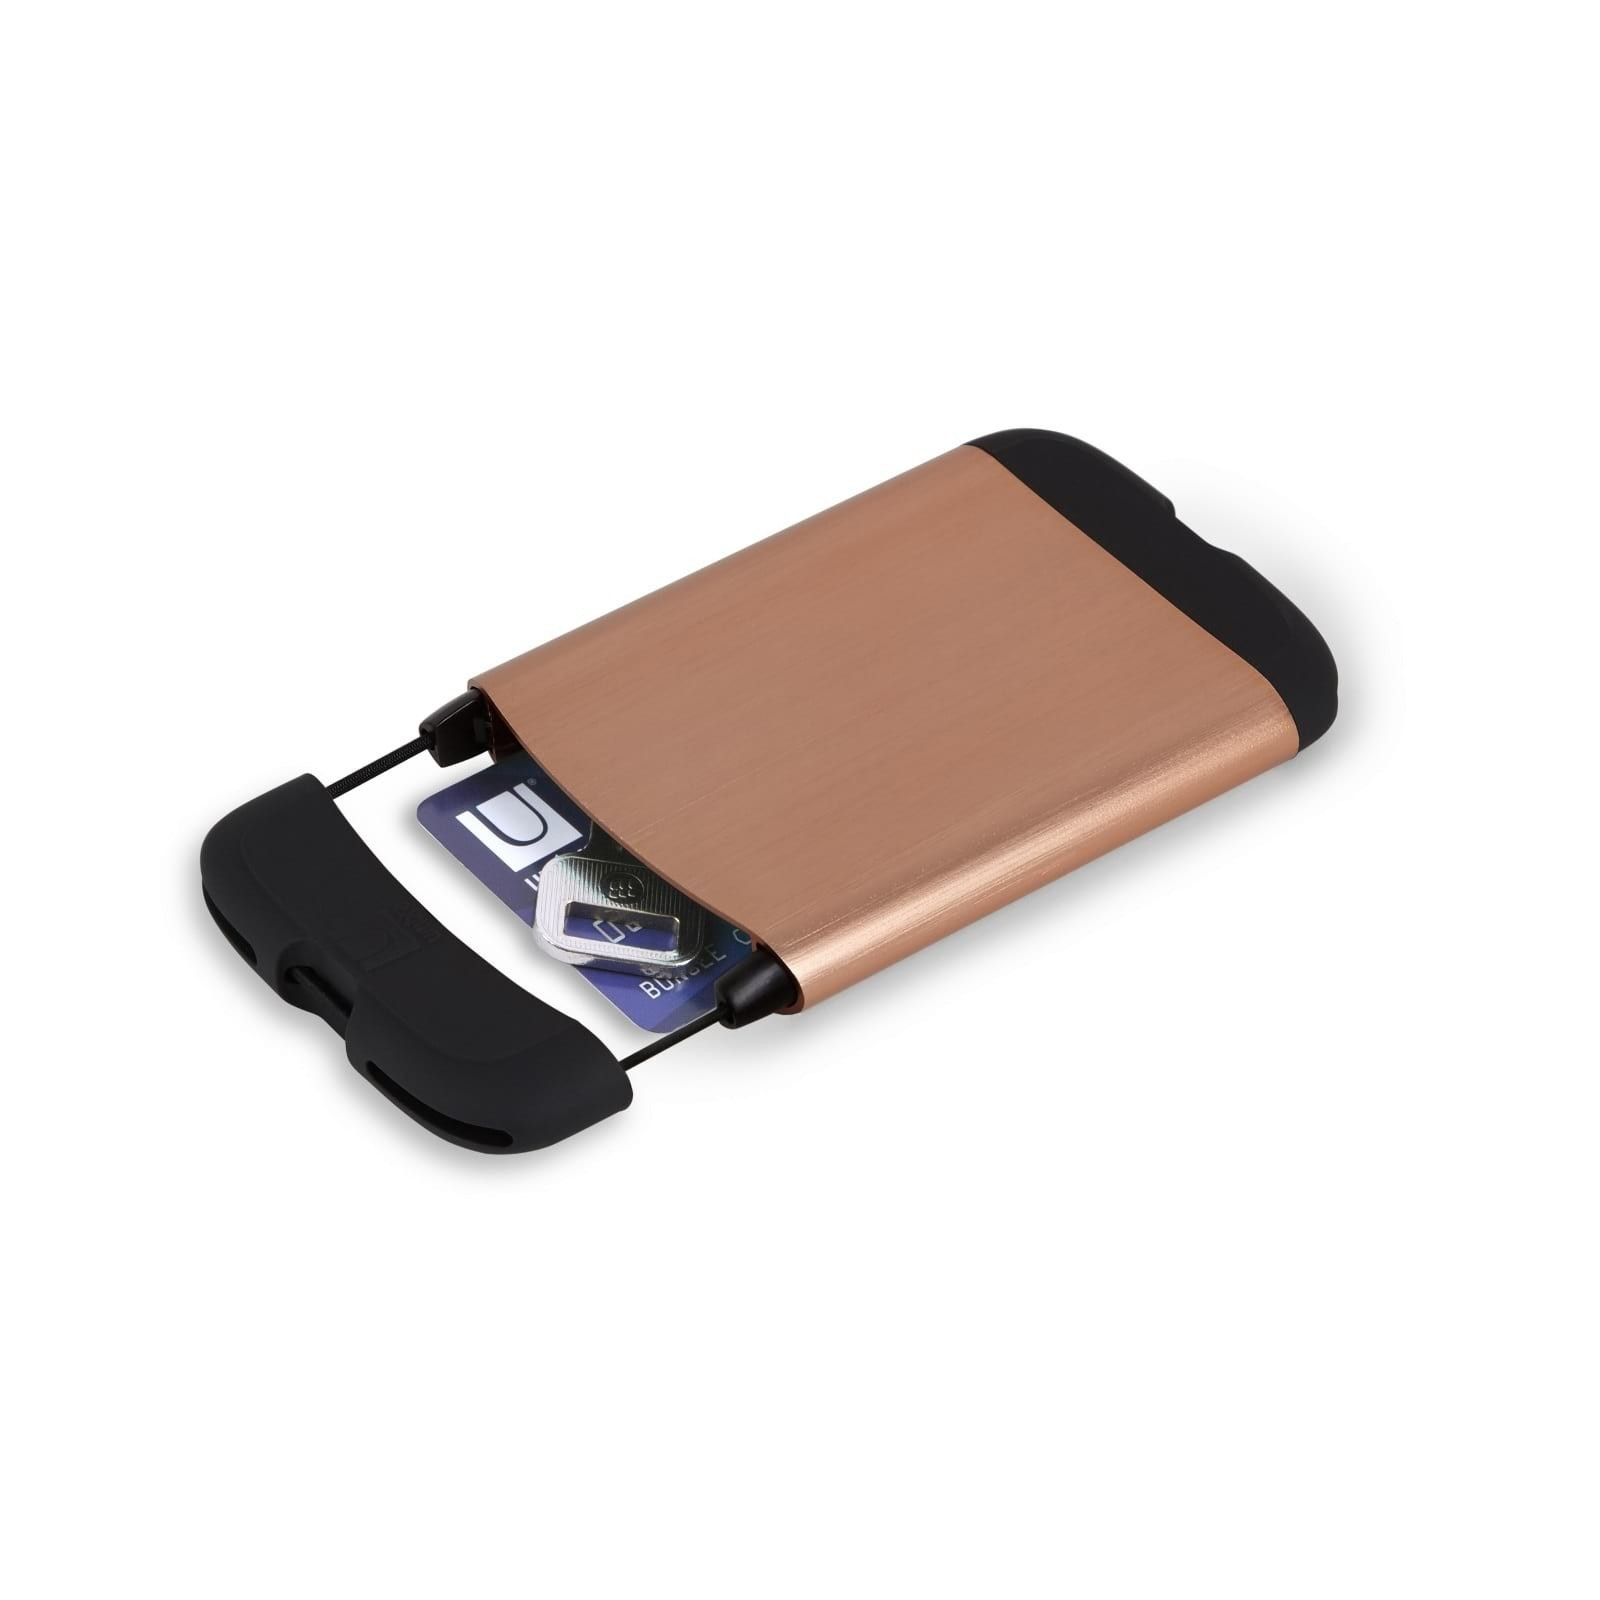 Πορτοφόλι Θήκη Καρτών Bungee με RFID Blocking (Χάλκινο) - Umbra